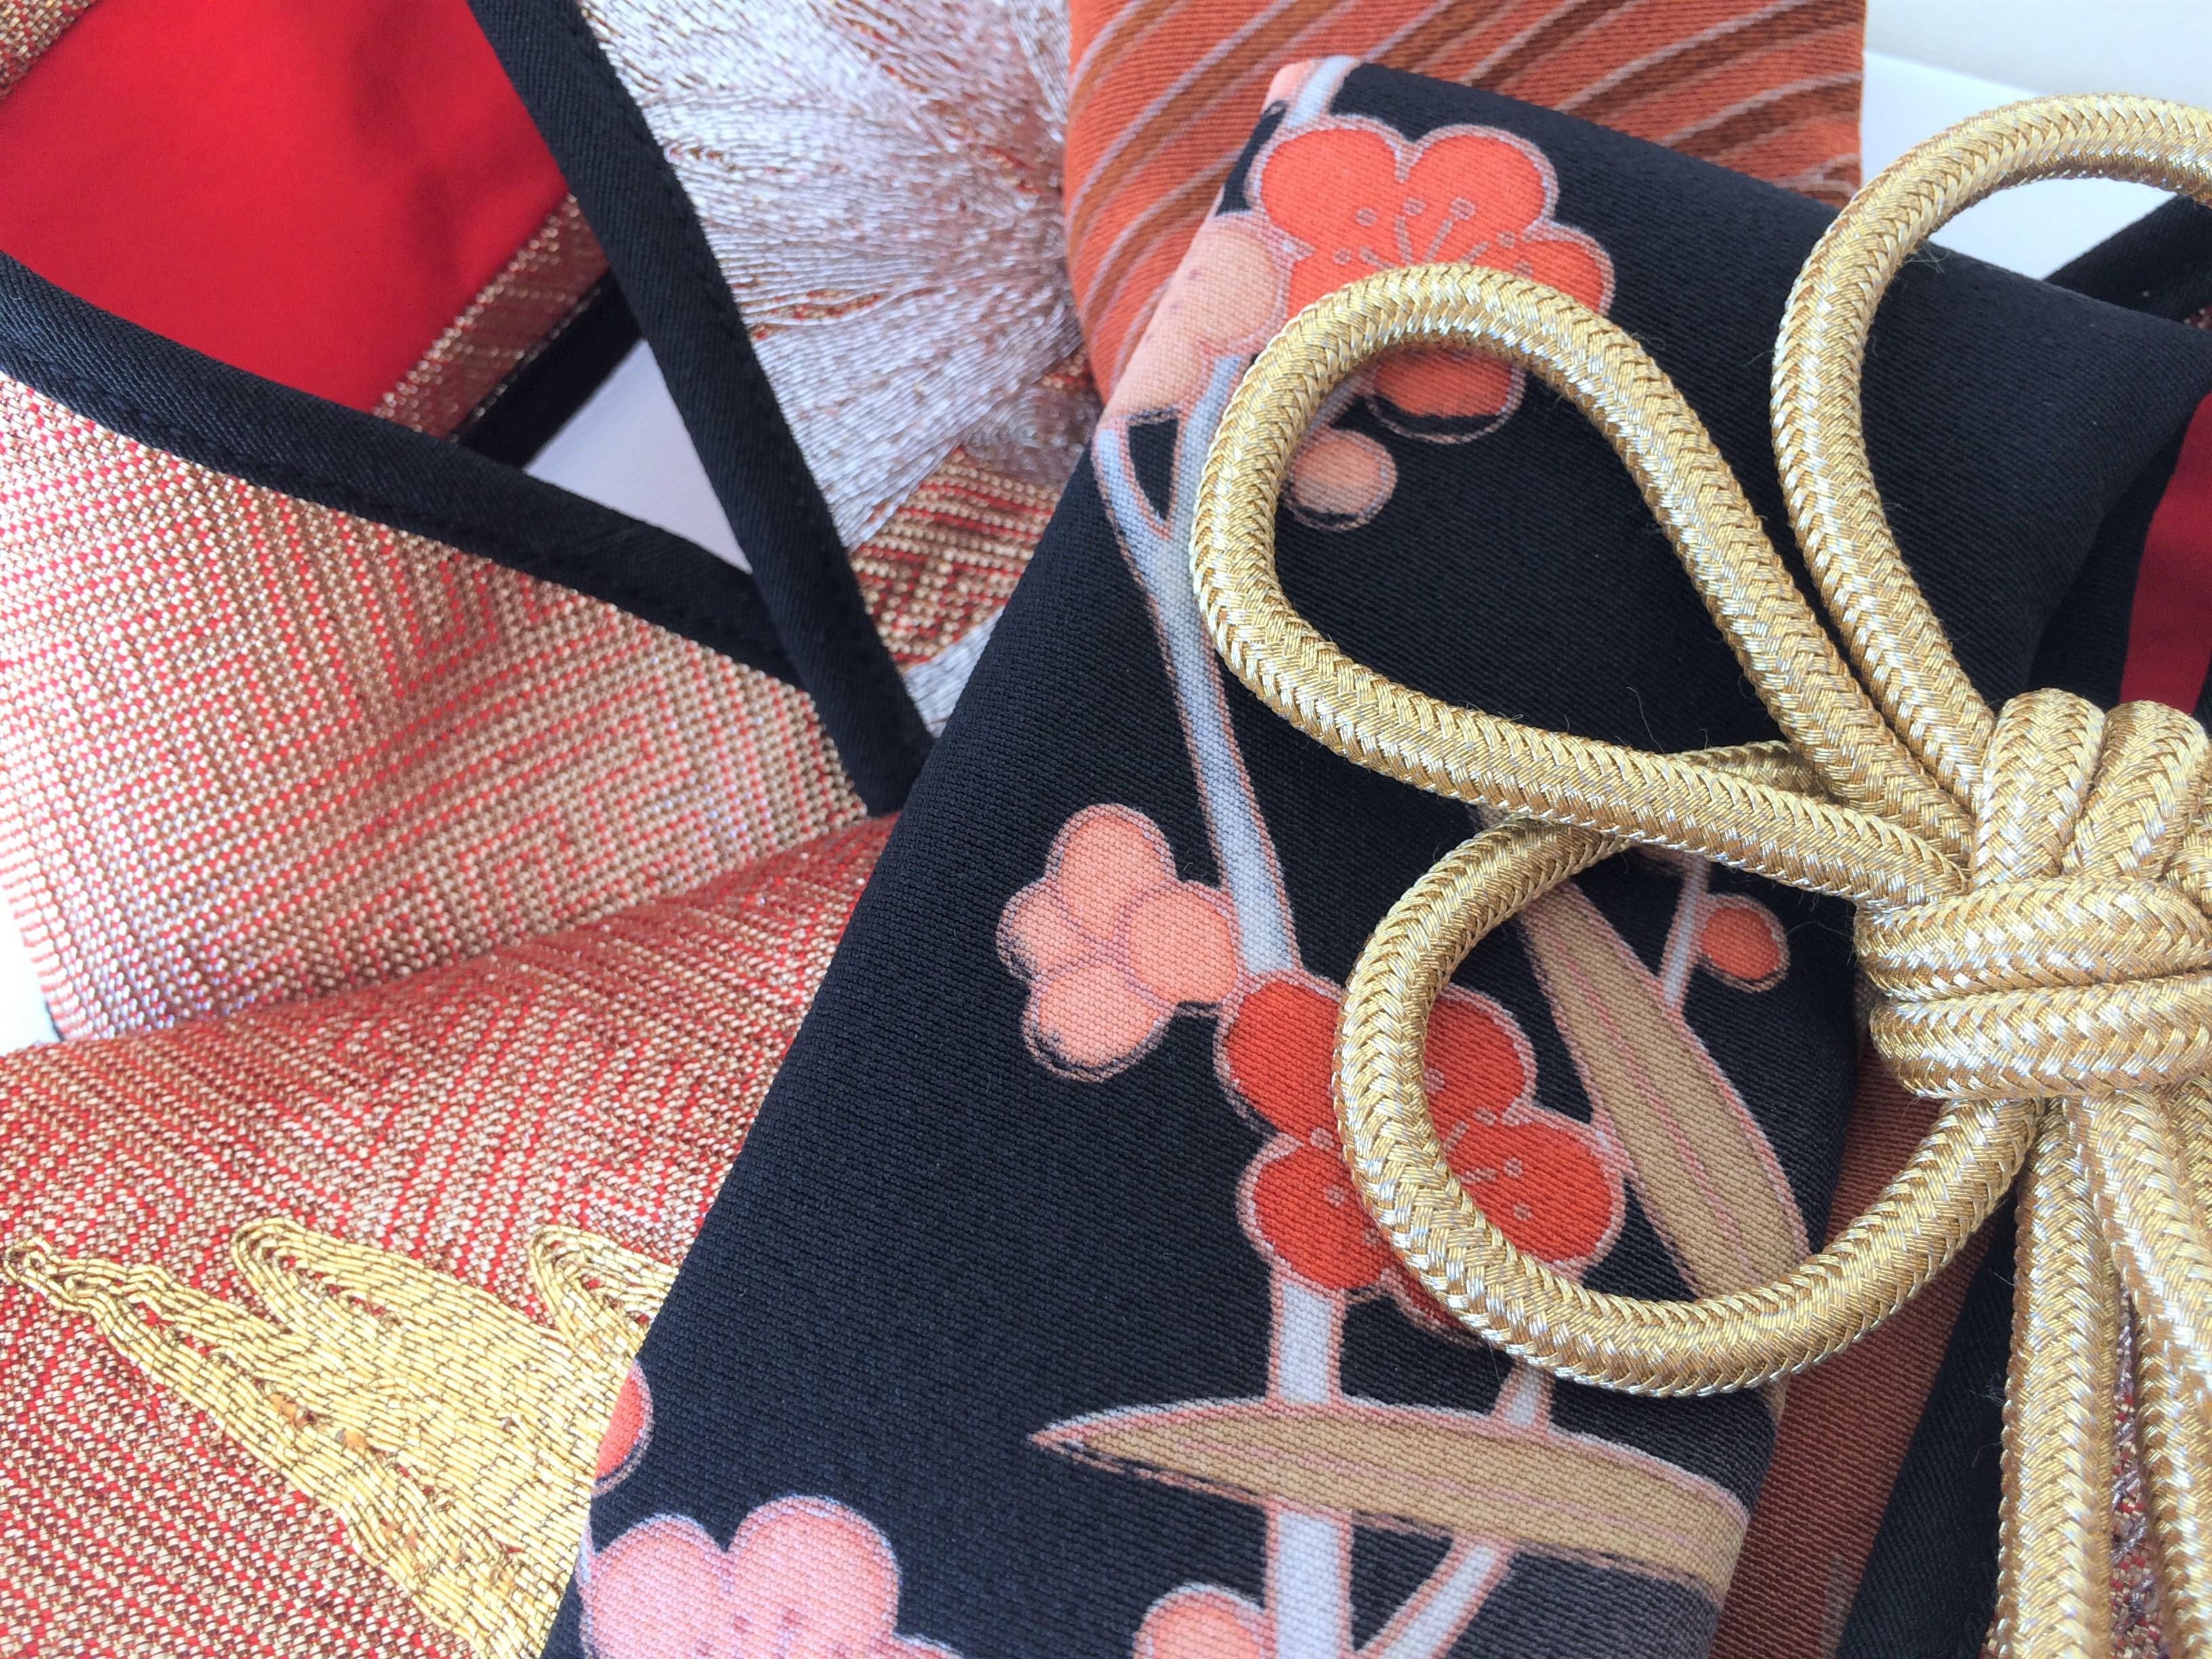 花嫁サロン和装ヘッドドレス&ブーケ hanayomesalon1